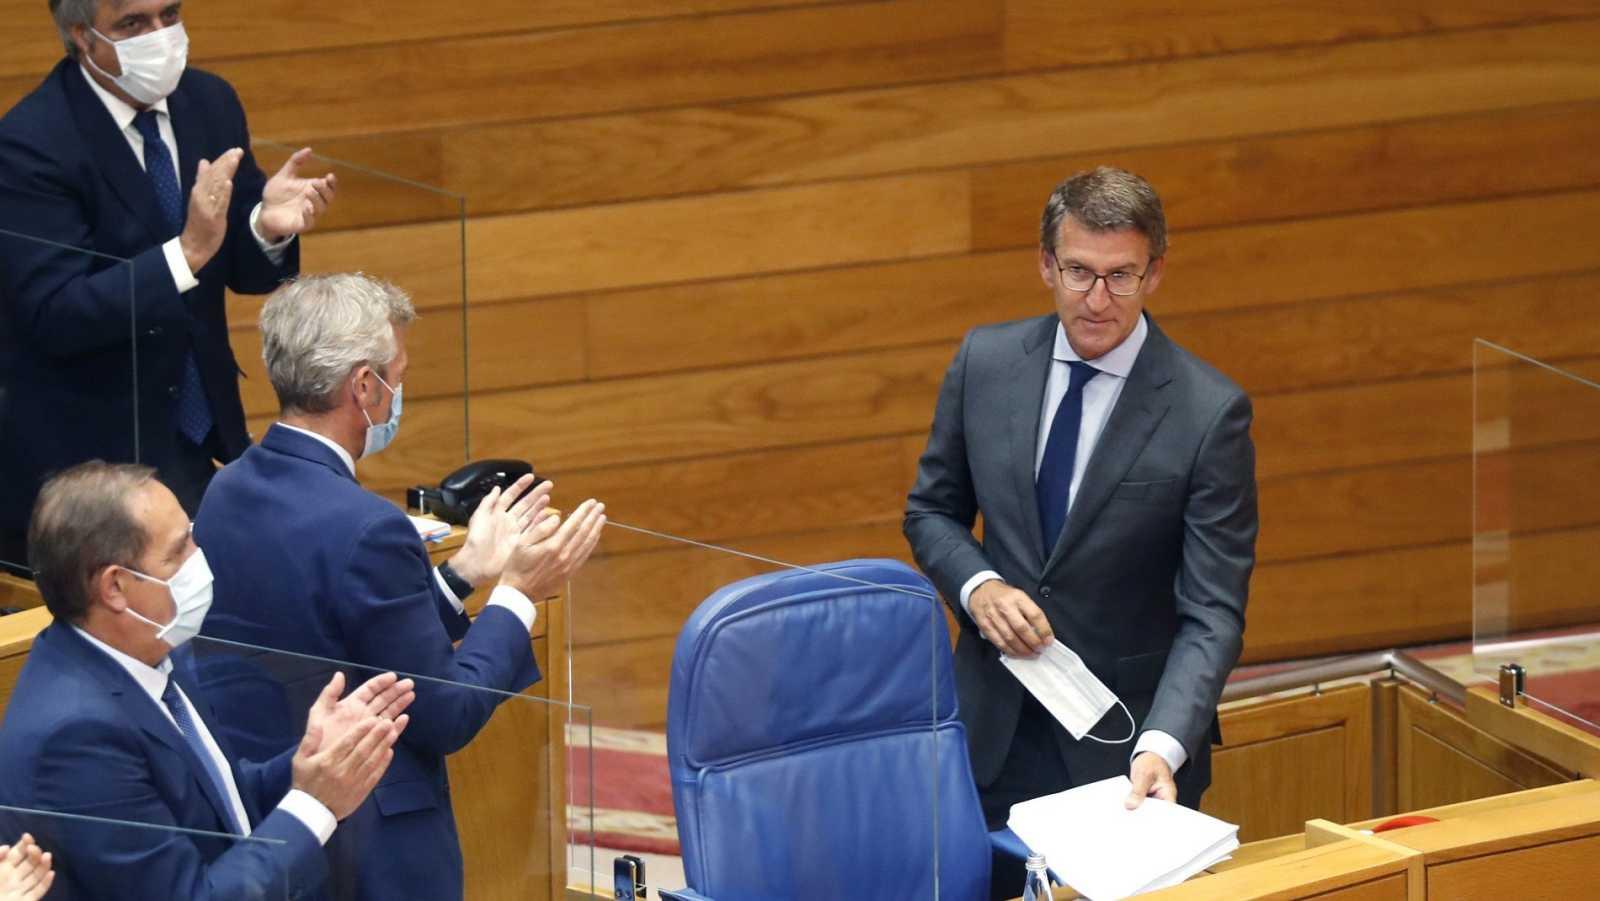 El presidente de la Xunta en funciones, Alberto Núñez Feijóo, tras su intervención en el pleno de investidura